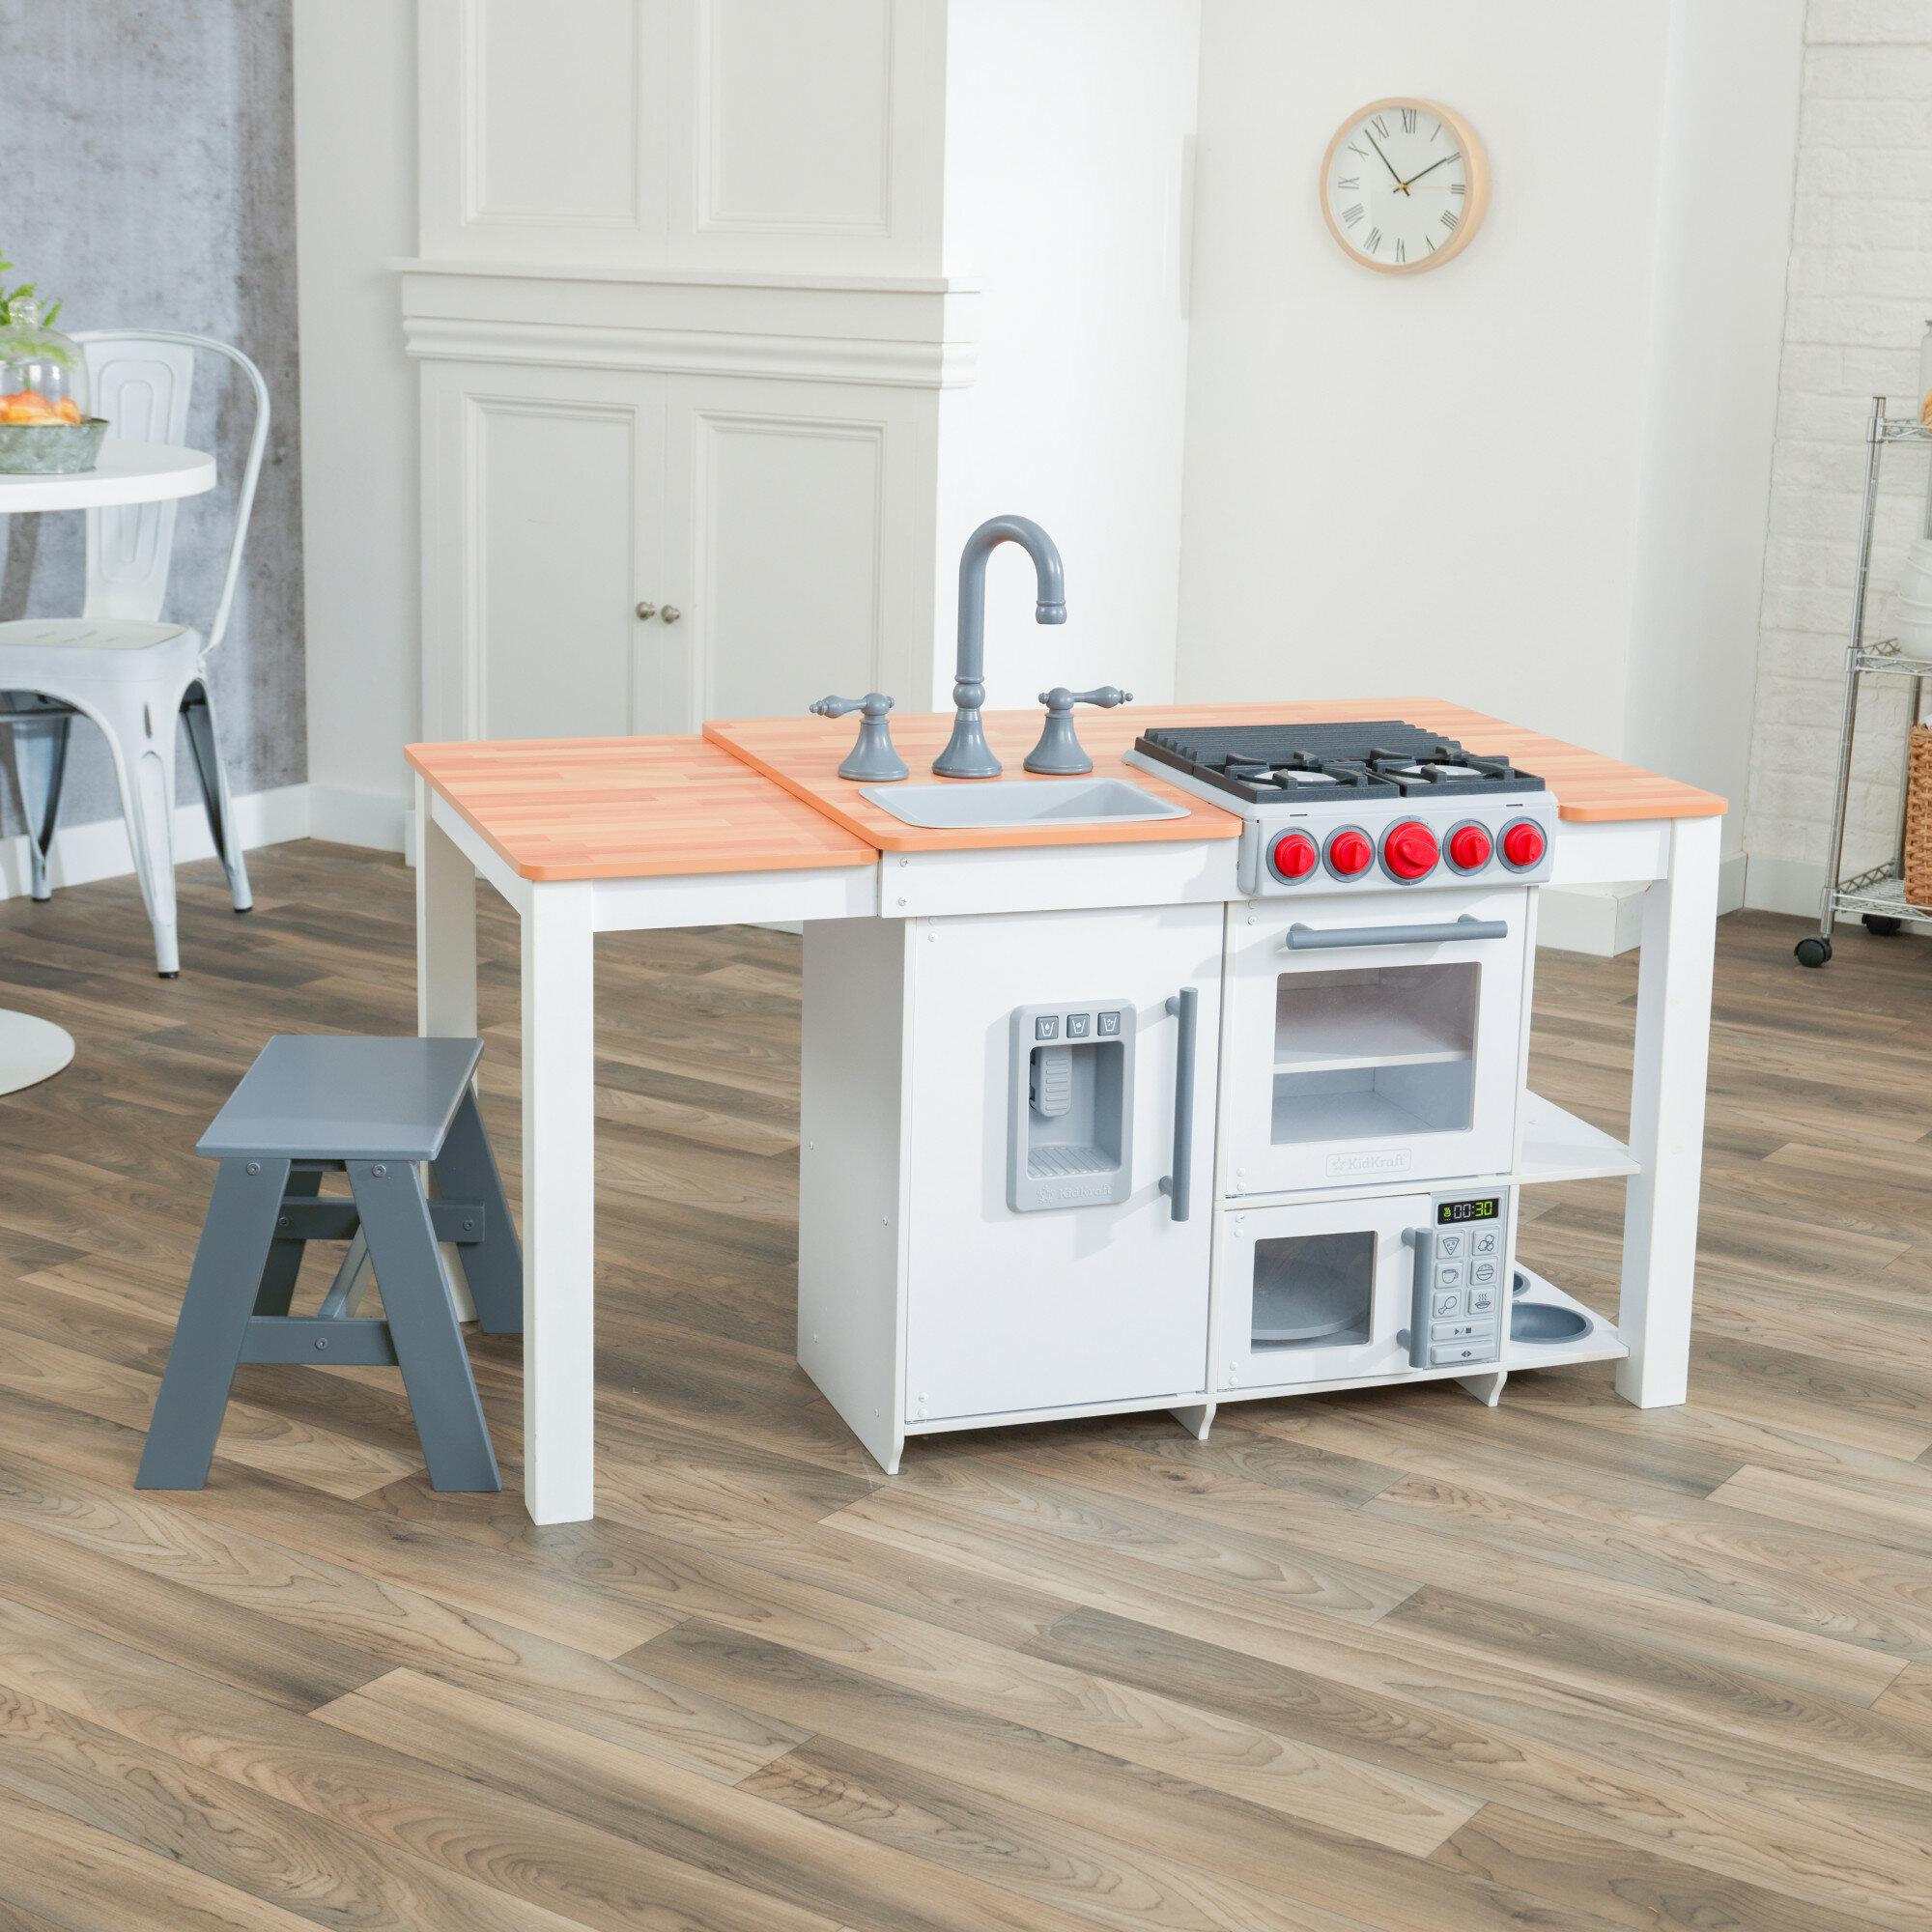 Chefs Create N Play Island Kitchen Set